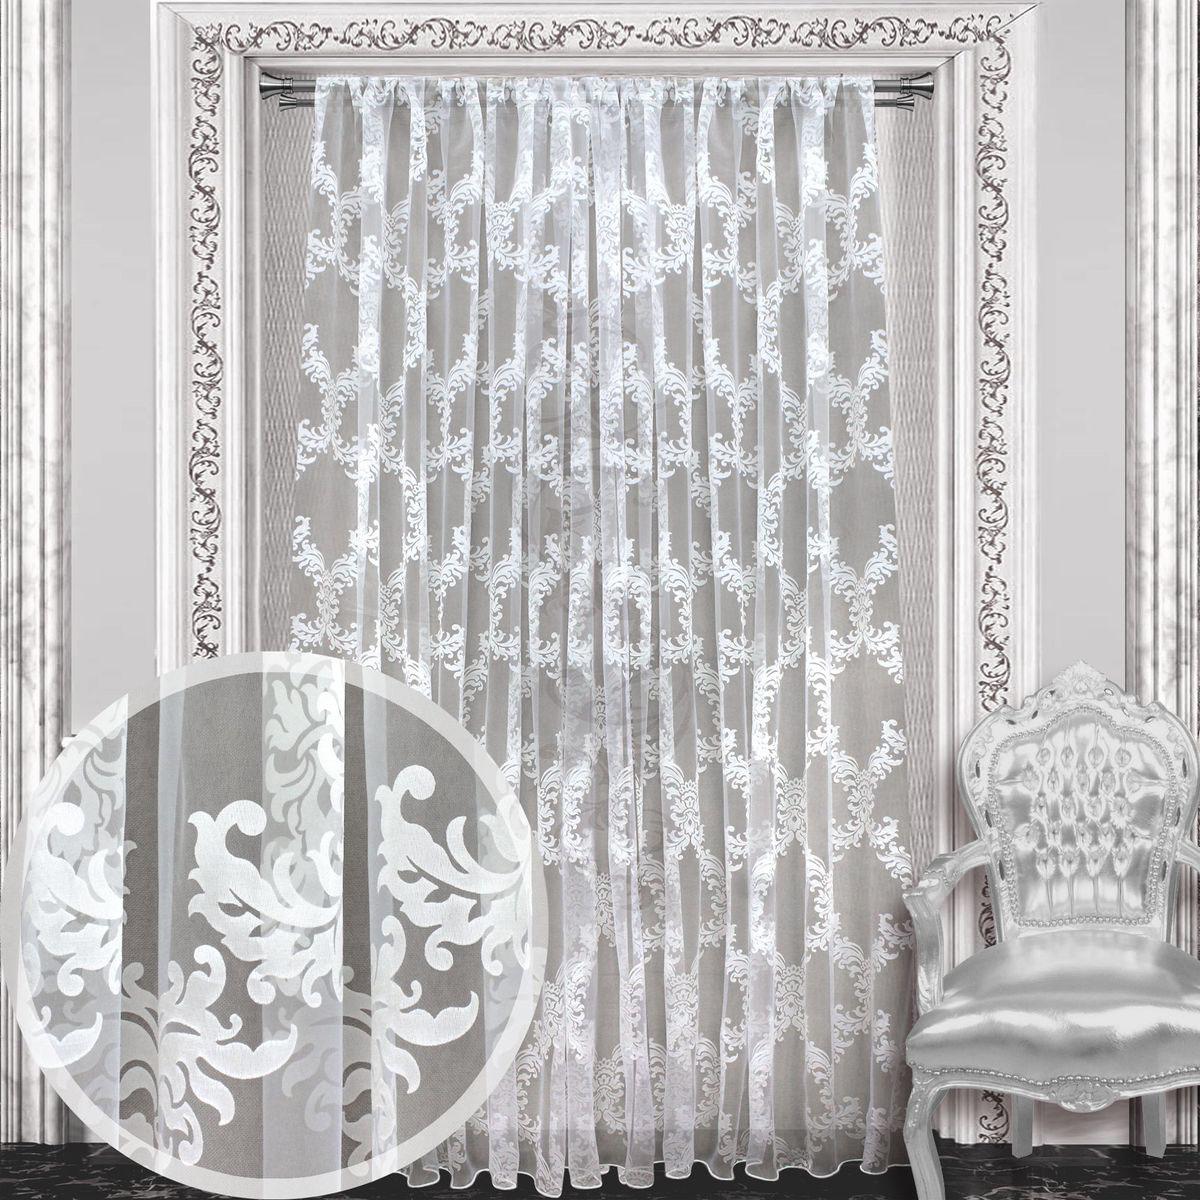 Тюль Amore Mio, на ленте, цвет: белый. высота 270 см. 8611686116Тюль Amore Mio изготовлен из 100% полиэстера. Воздушная ткань привлечет к себе внимание и идеально оформит интерьер любого помещения. Полиэстер - вид ткани, состоящий из полиэфирных волокон. Ткани из полиэстера легкие, прочные и износостойкие. Такие изделия не требуют специального ухода, не пылятся и почти не мнутся.Крепление к карнизу осуществляется при помощи вшитой шторной ленты.